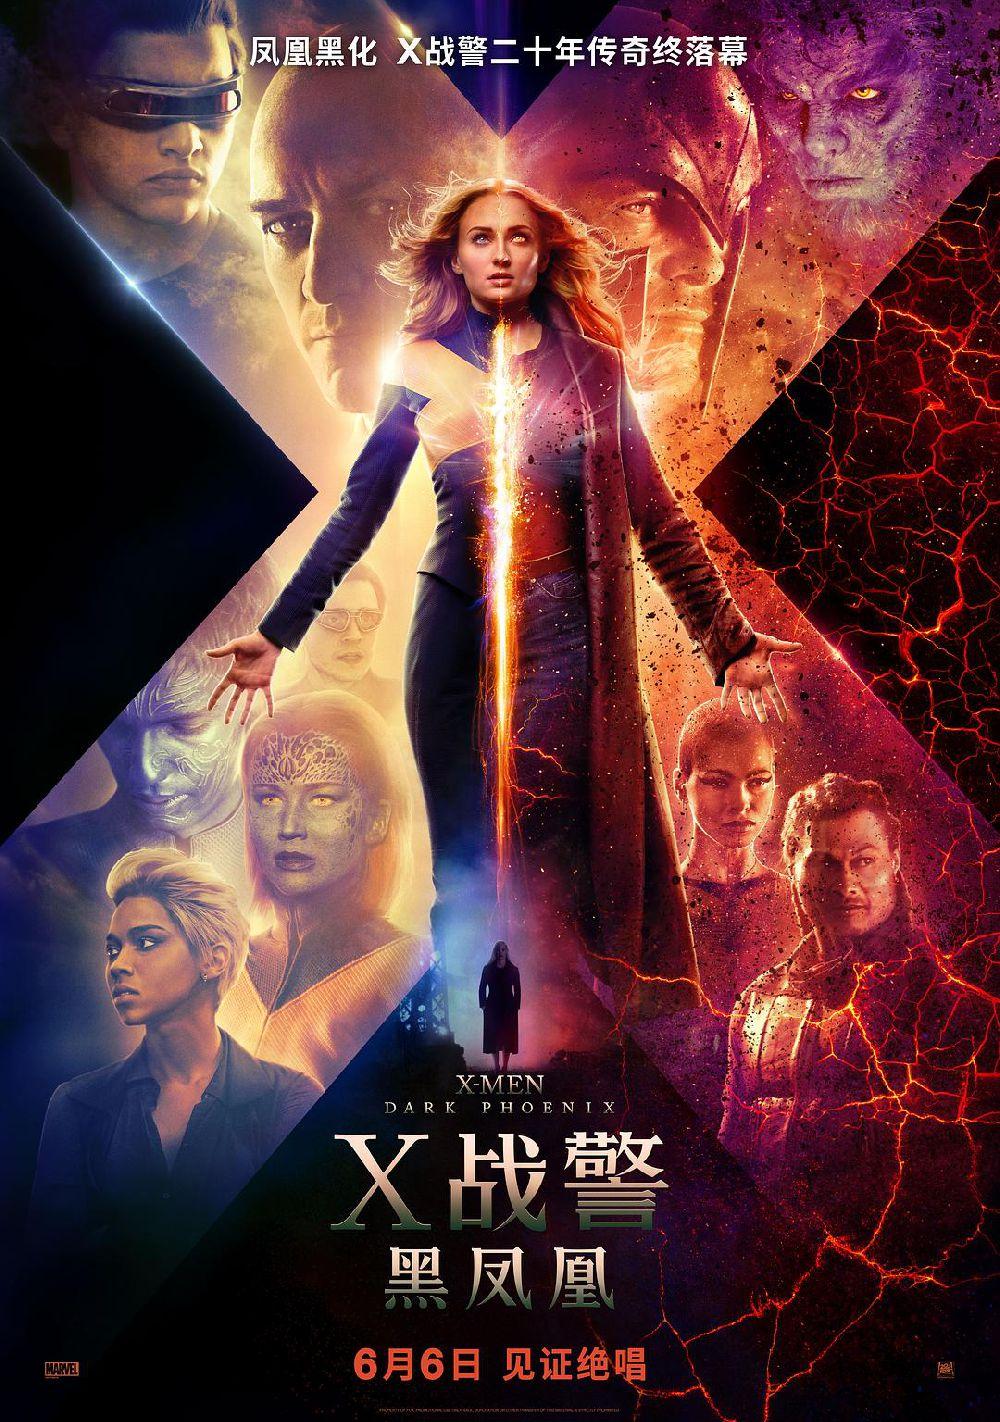 2019暑假上映的电影 暑期档电影大片